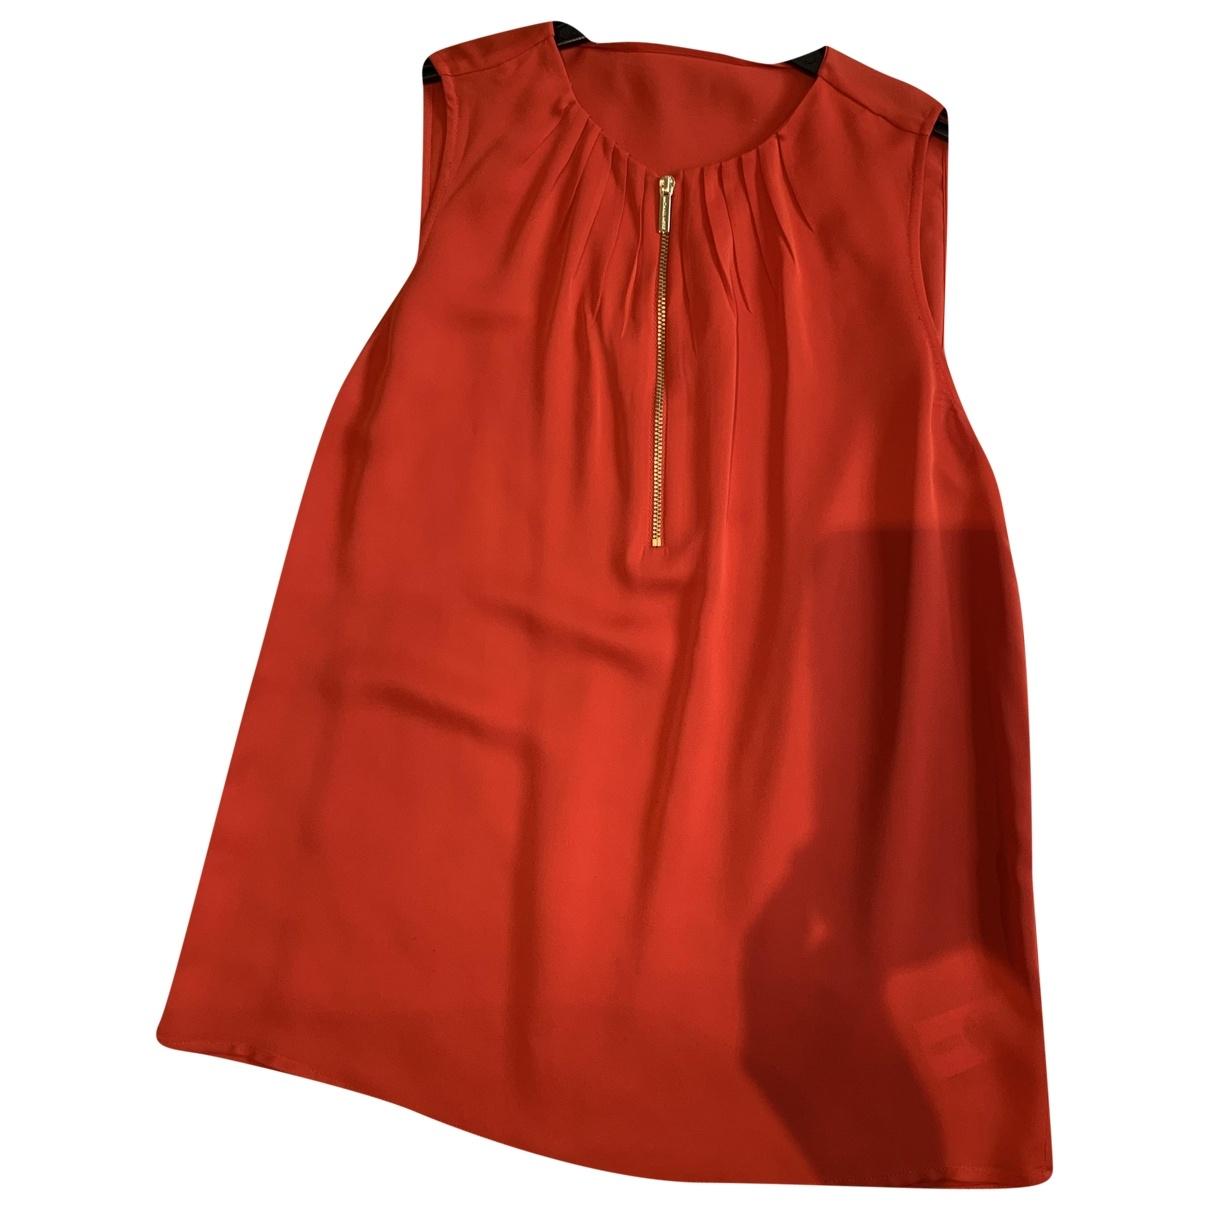 Michael Kors \N Red  top for Women 8 UK